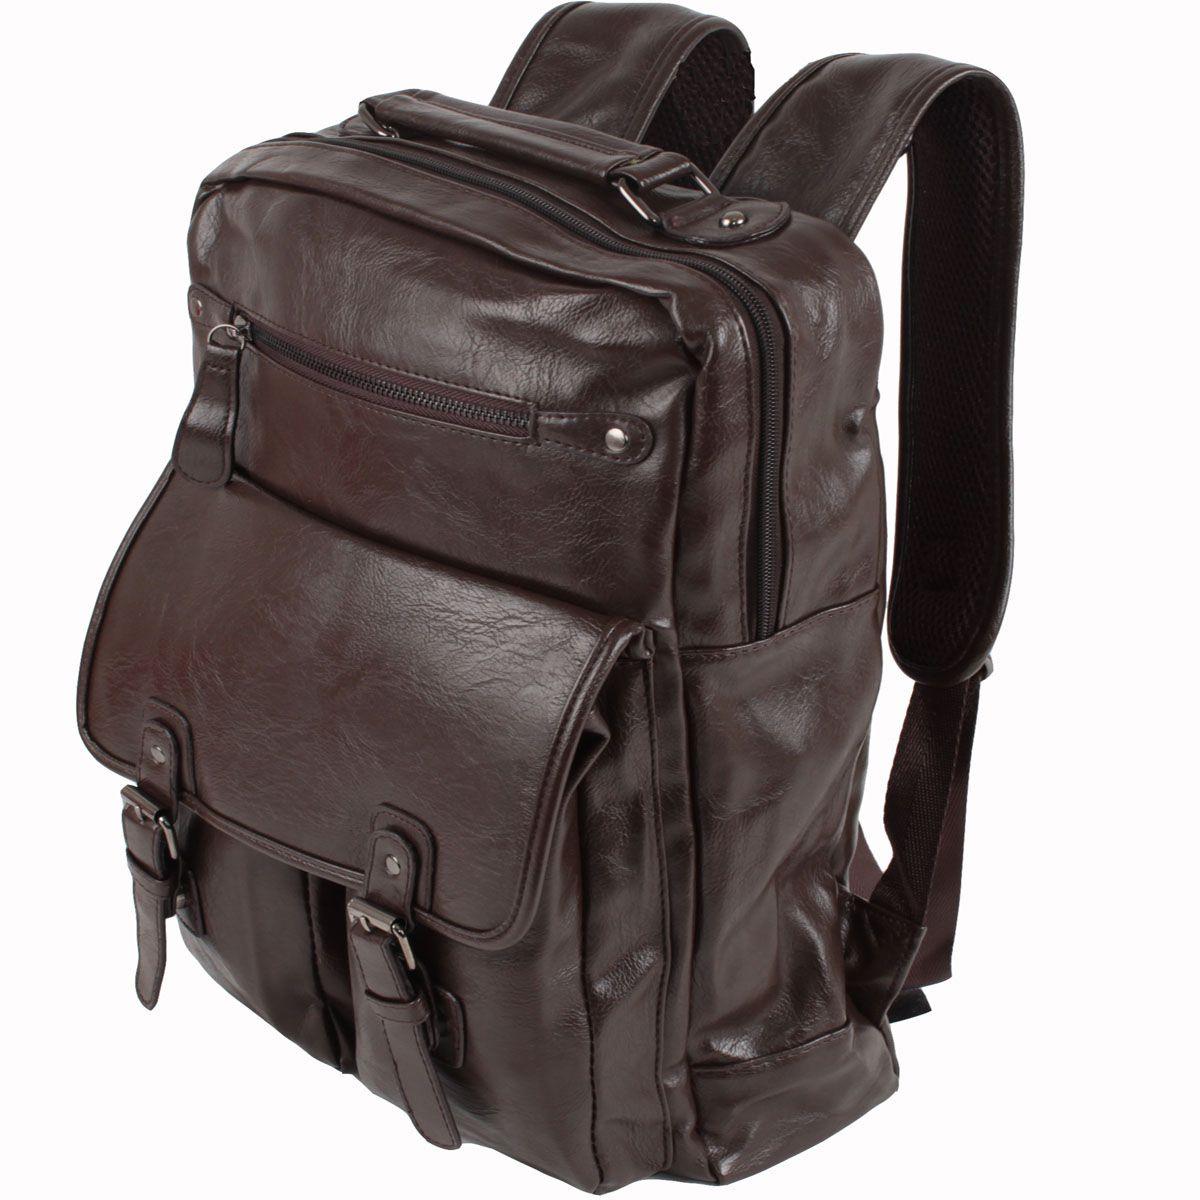 294c867ba376 Сумка-рюкзак Flioraj, цвет: коричневый. 0921 коричн — купить в  интернет-магазине OZON.ru с быстрой доставкой